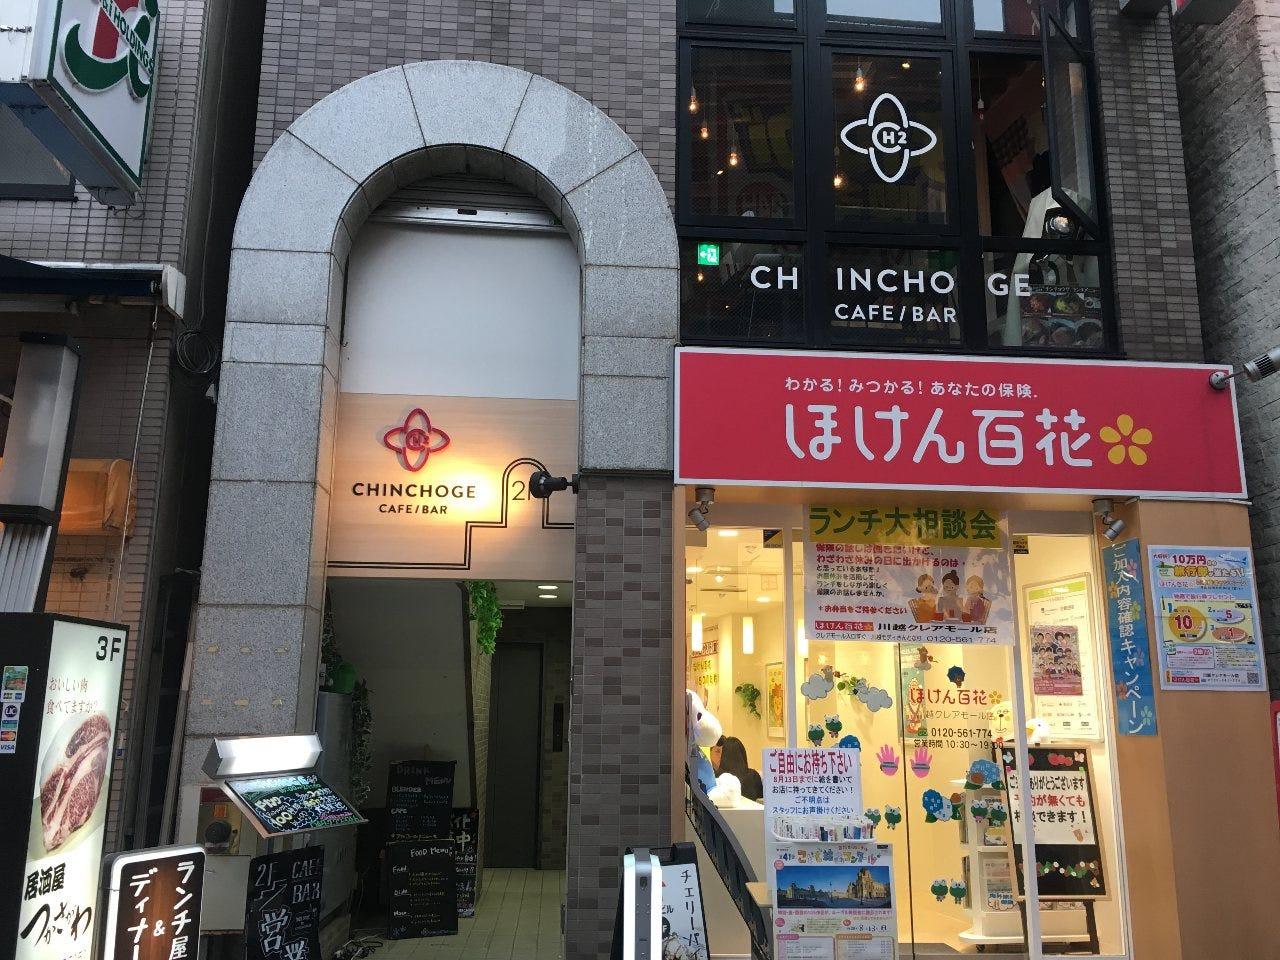 CHINCHOGE CAFE/BAR